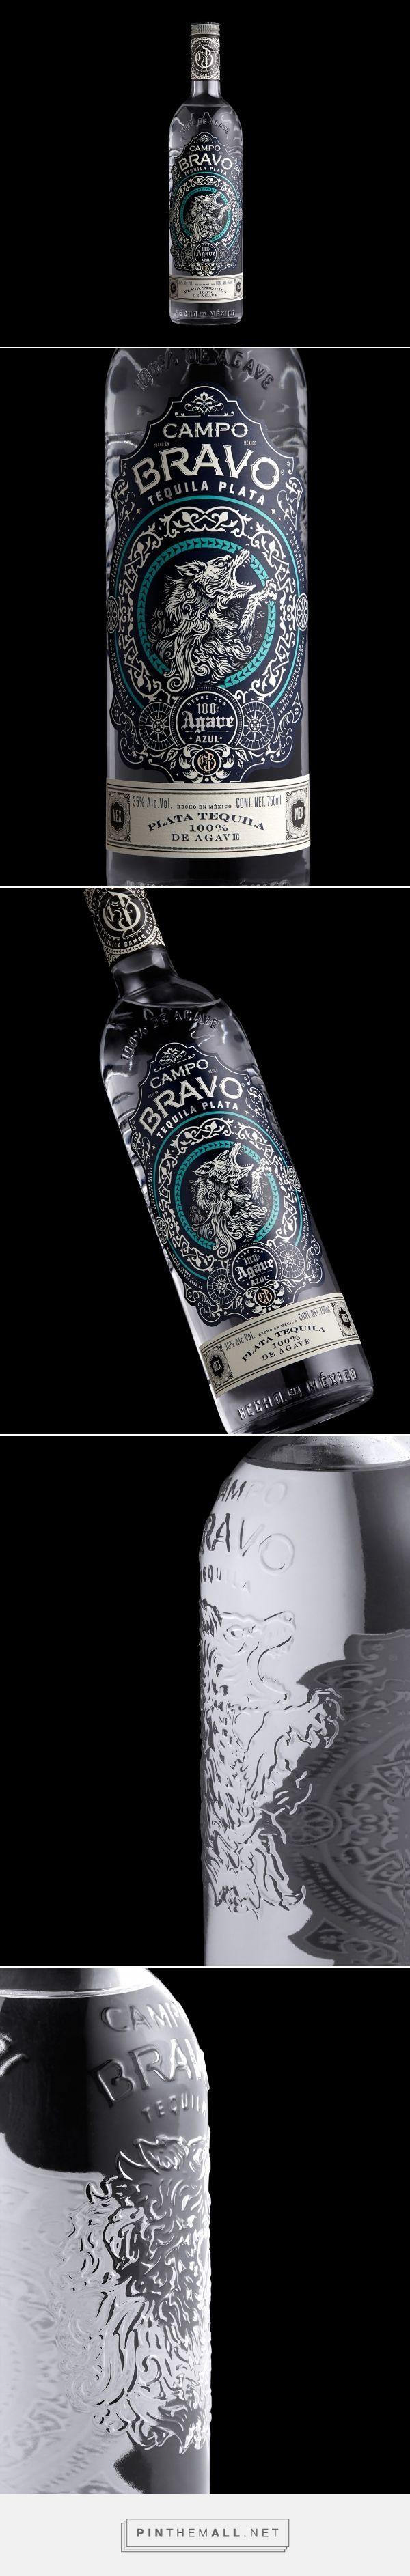 Campo Bravo Tequila diseño de envases por Extraño y extraño